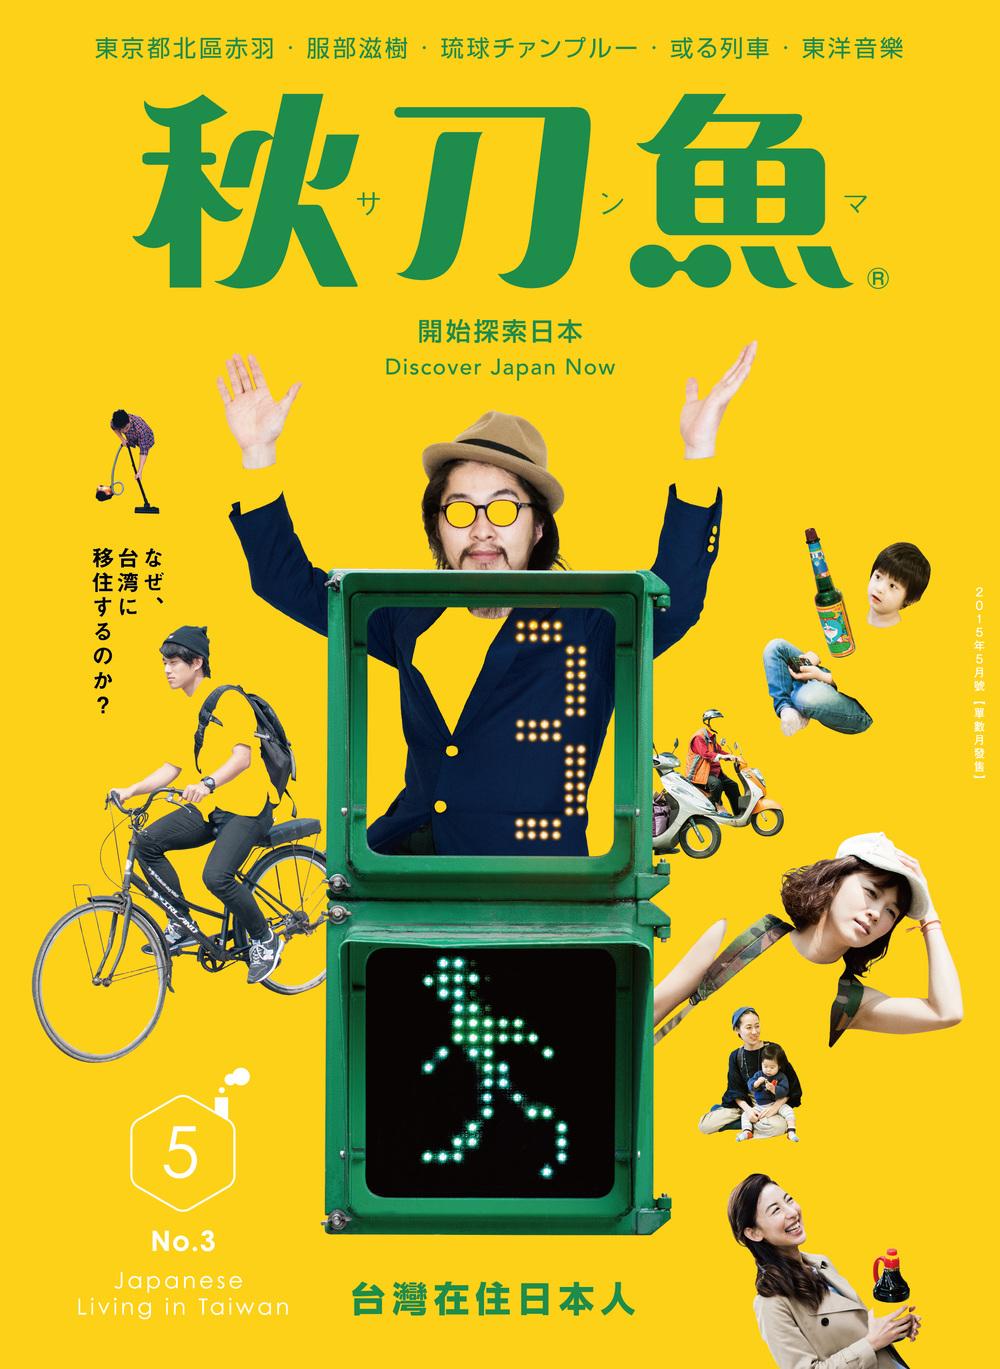 2015年5月號第3期〈臺灣在住日本人〉在庫 >20